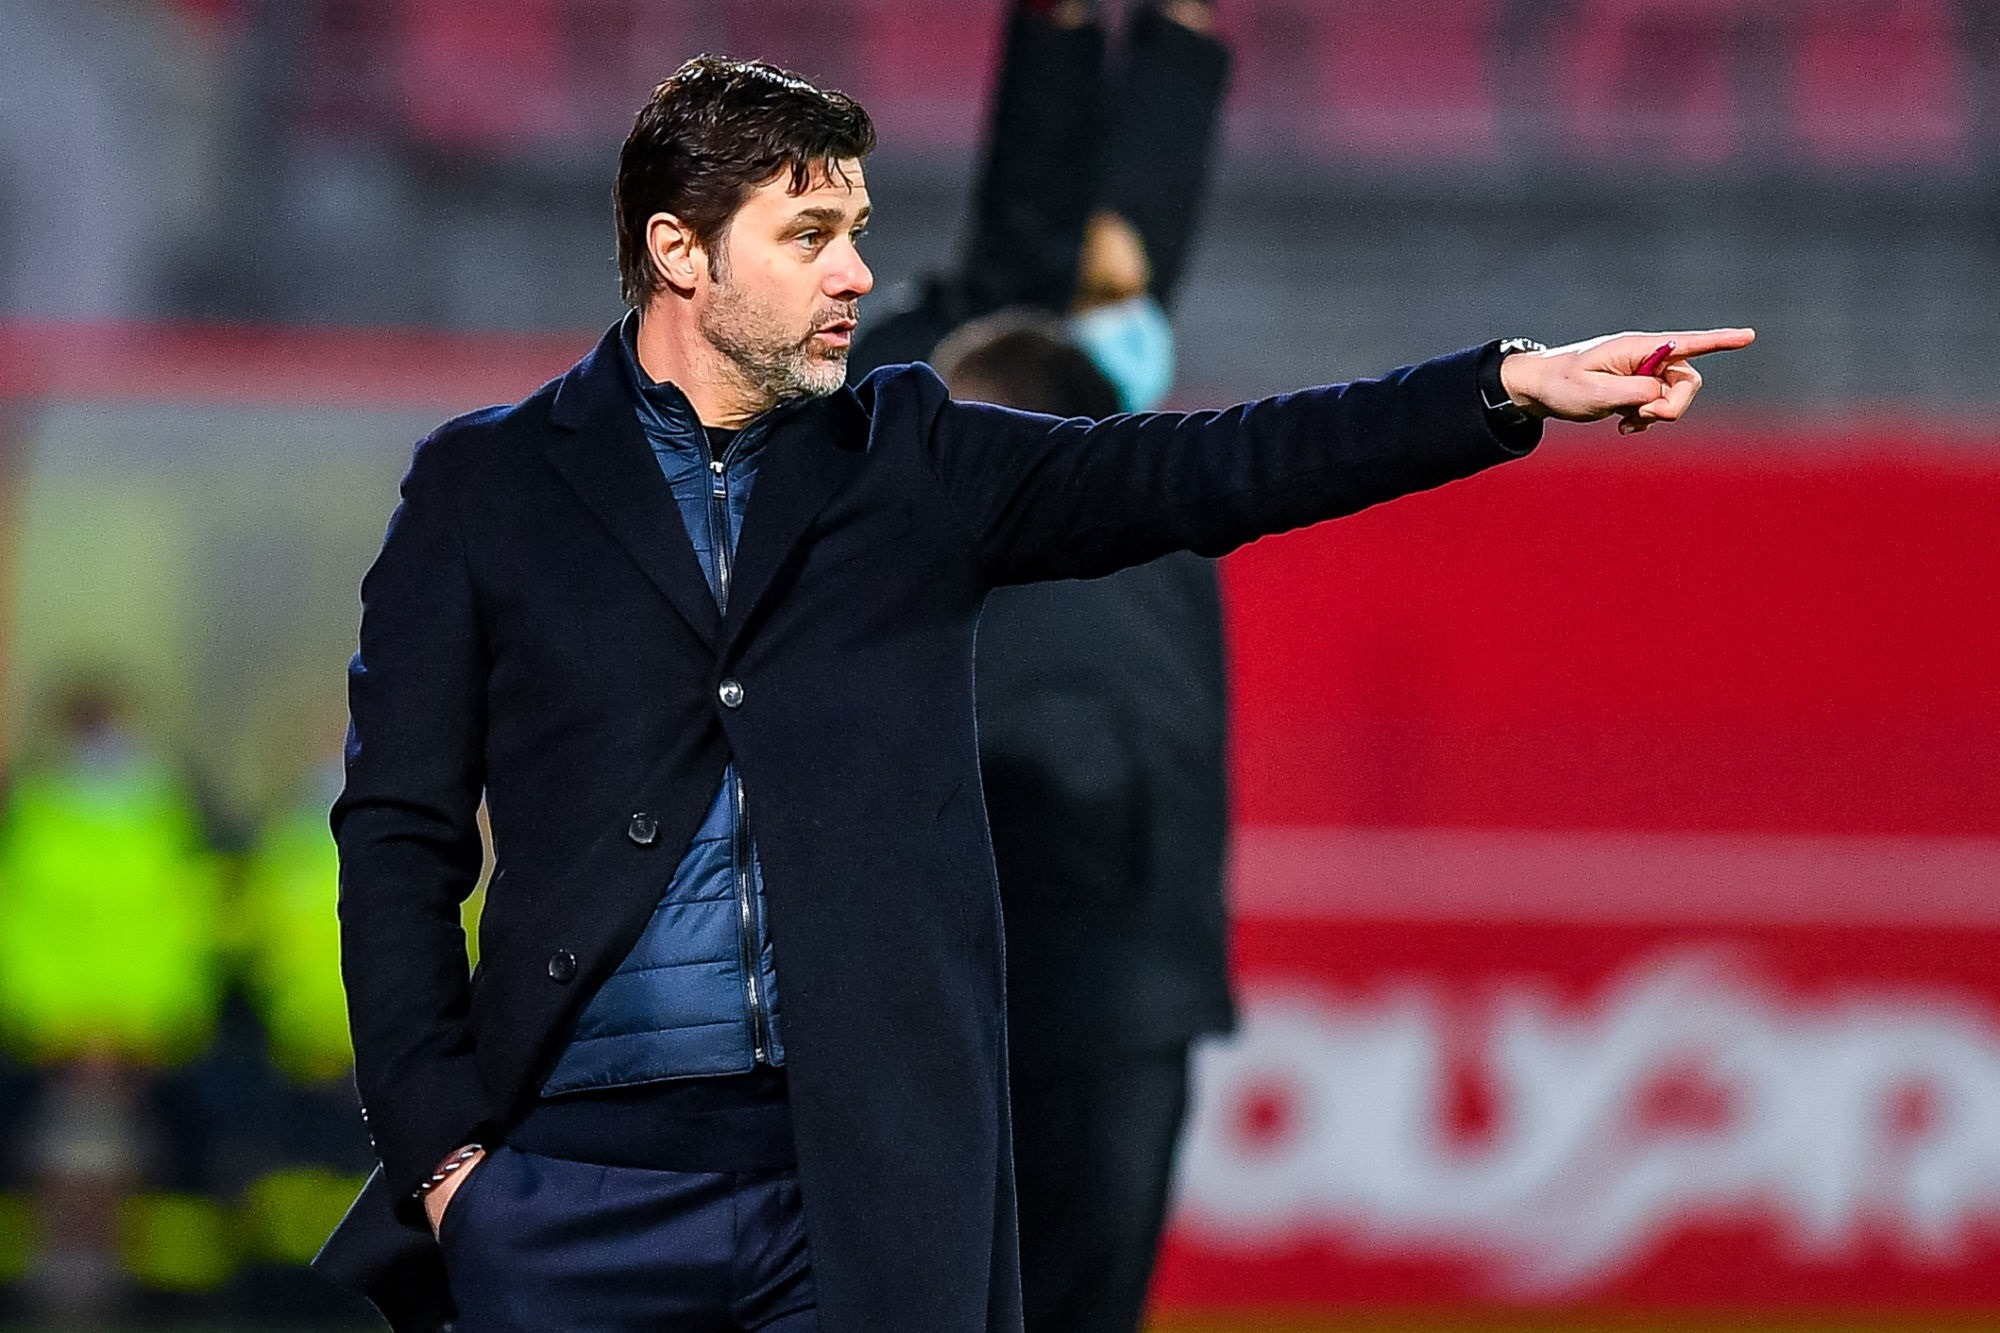 """Bayern/PSG - Pochettino souligne qu'il veut """"poser les bases d'un futur solide"""""""